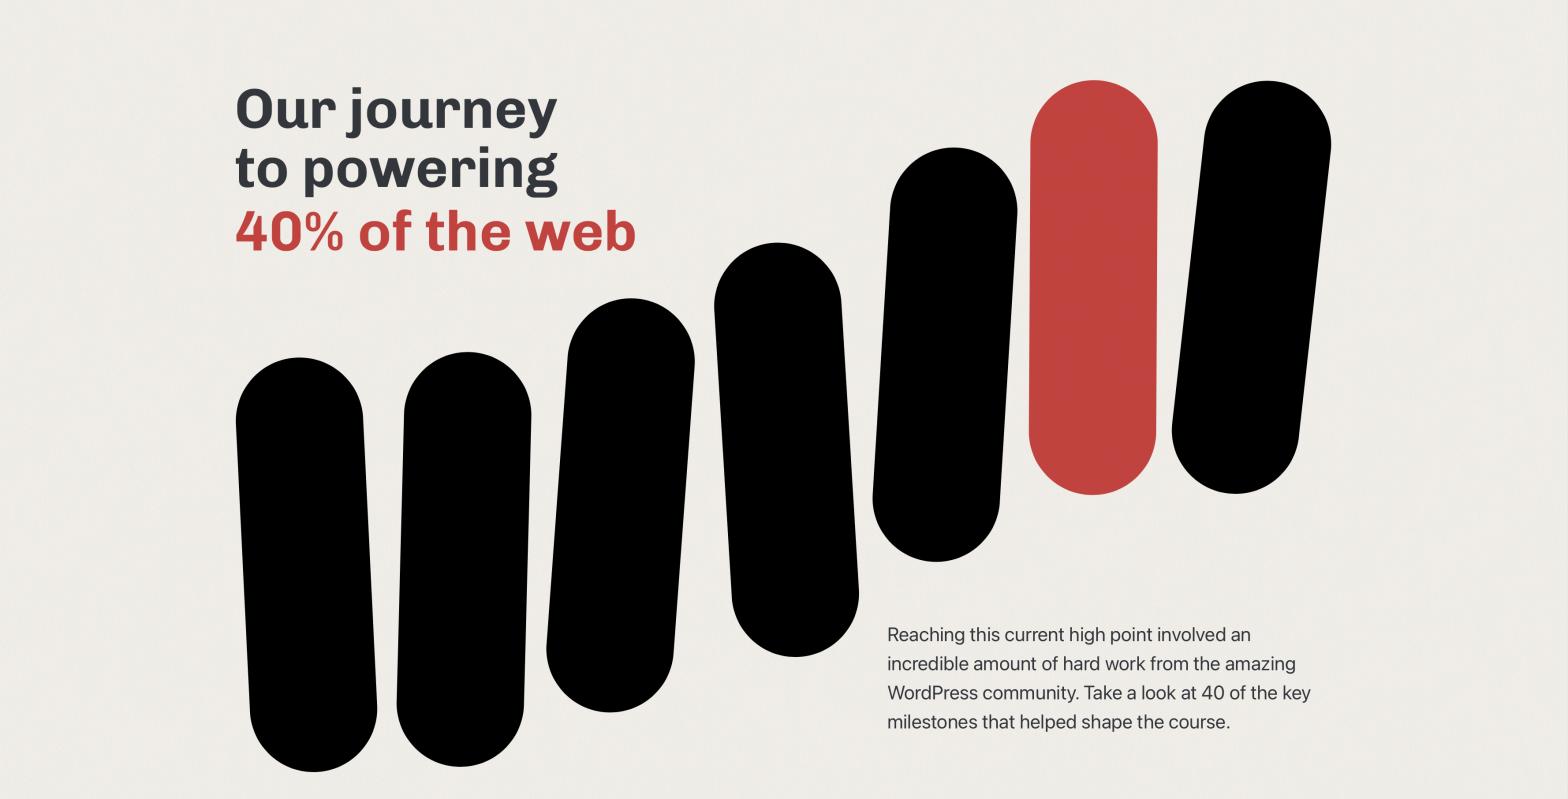 Grafica del post pubblicato su WP.org per festeggiare i 18 anni della piattaforma e il raggiungimento del 40% delle quote di mercato del web